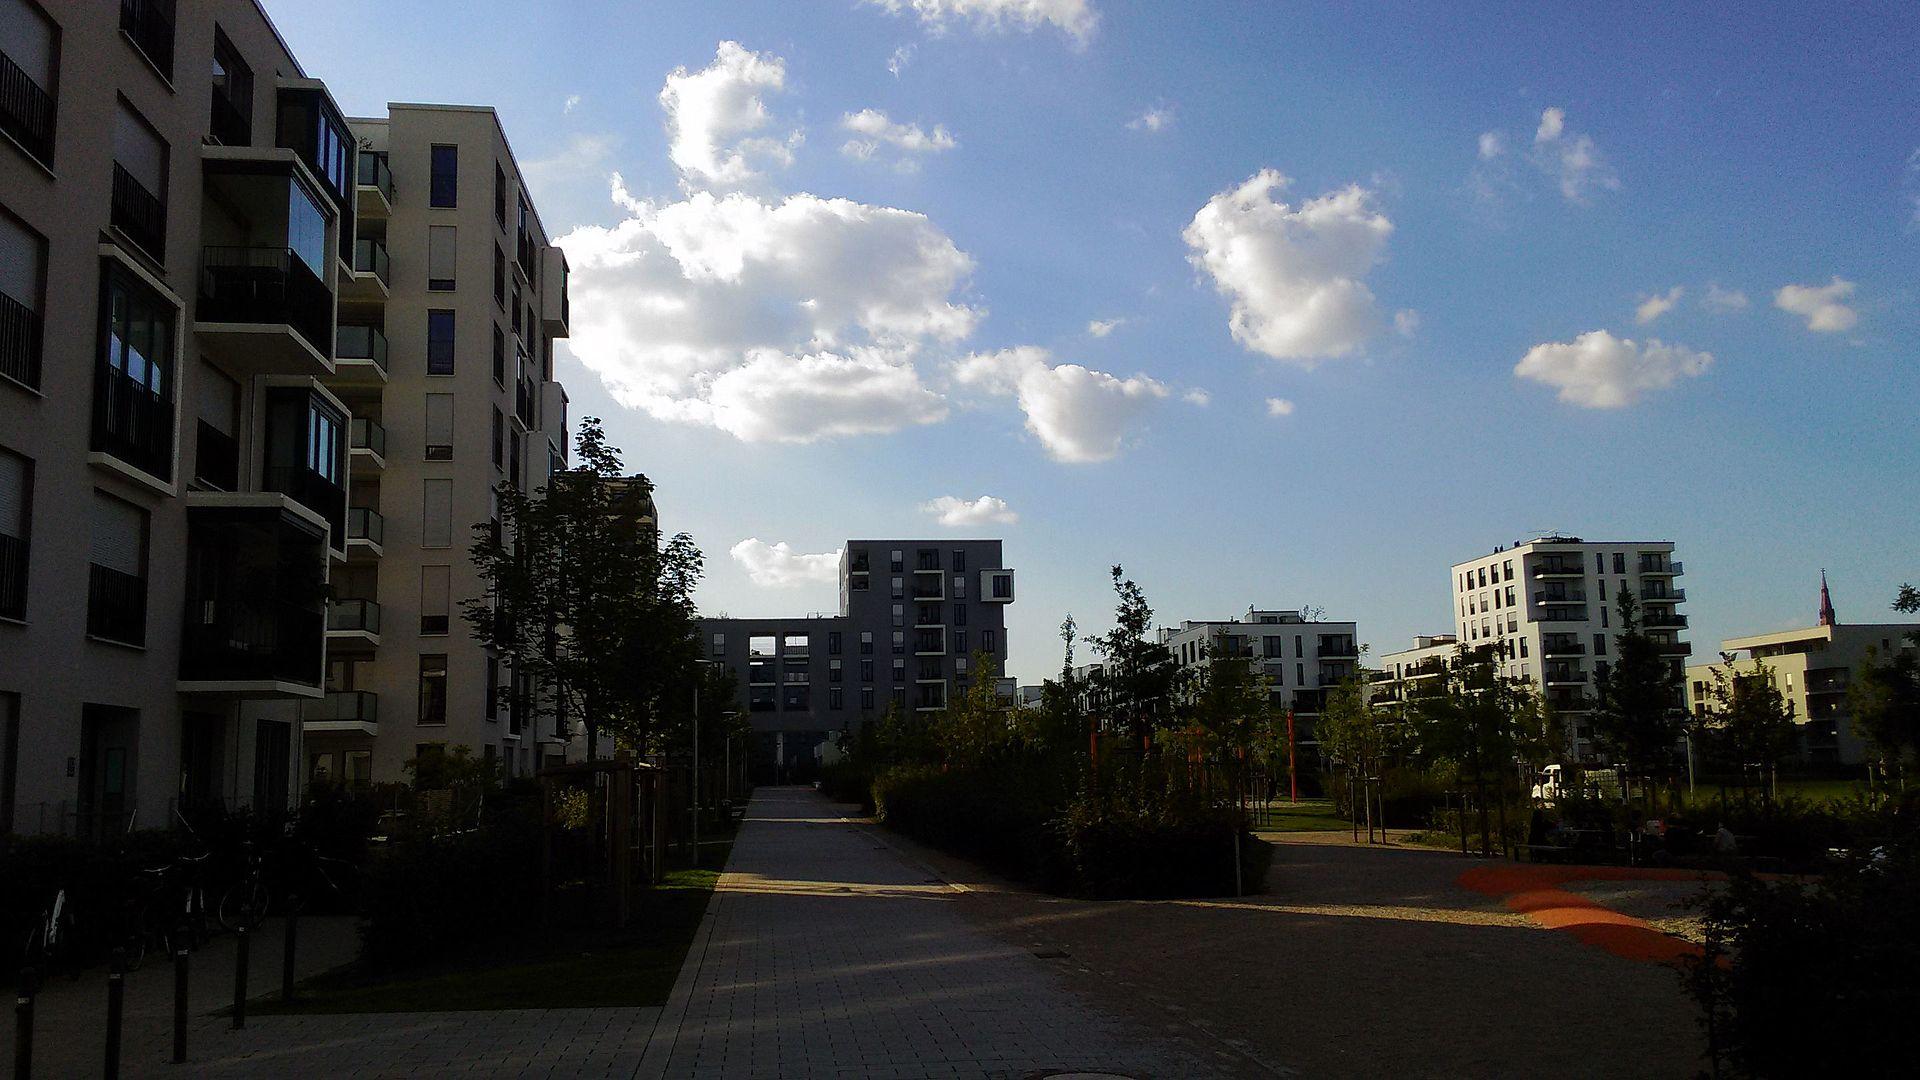 гермMünchen_—_Parkviertel_Giesing_—_Ansicht_gen_Norden.jpg